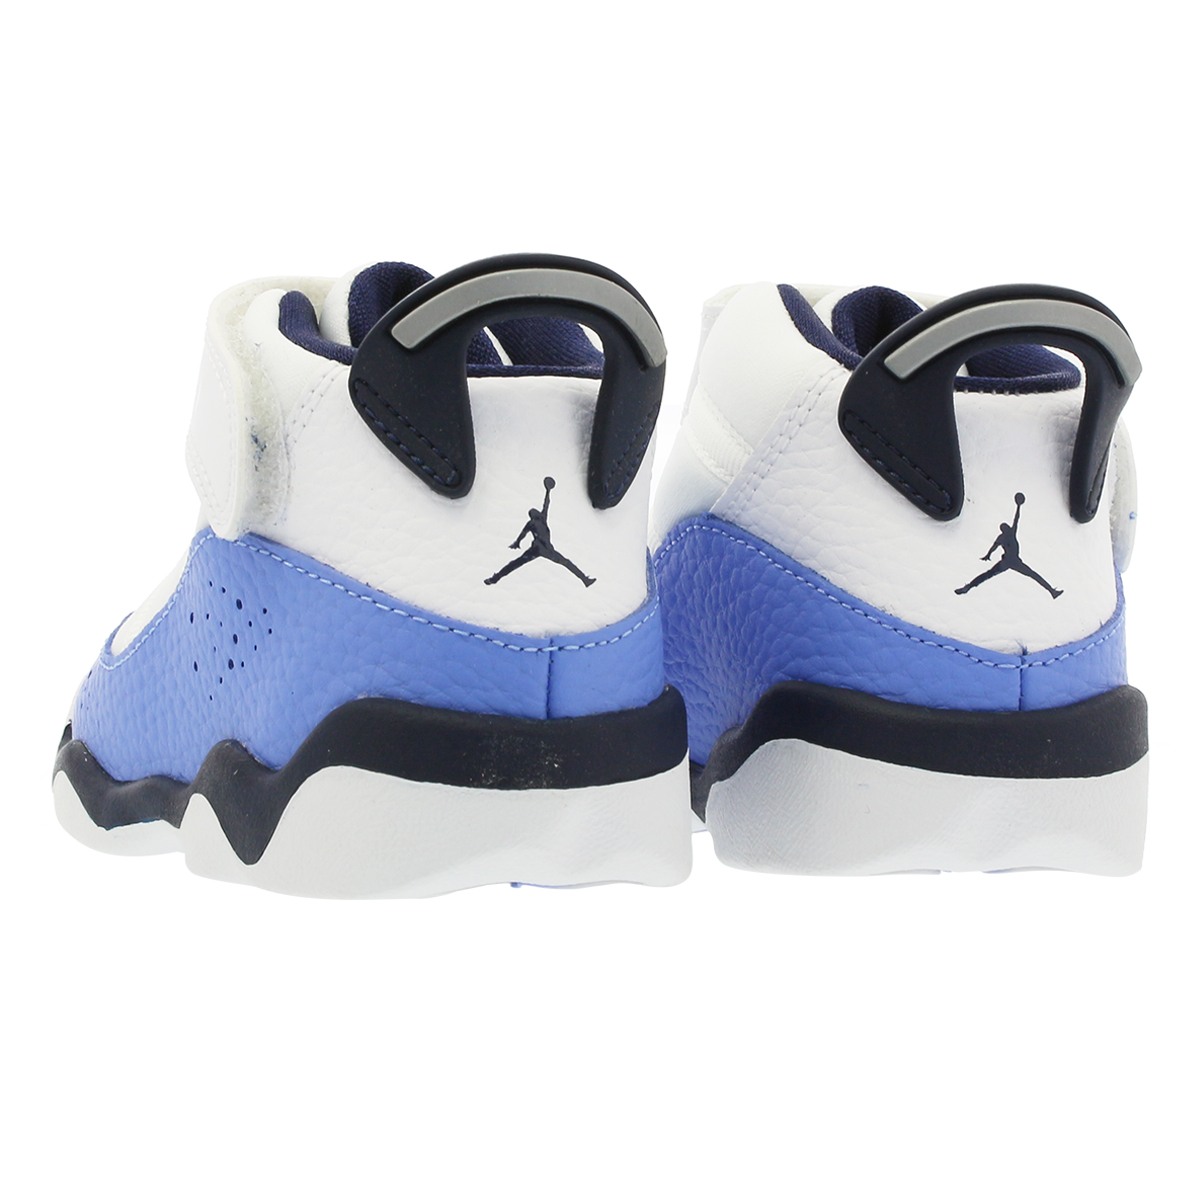 1d674cff03c24a LOWTEX BIG-SMALL SHOP  NIKE JORDAN 6 RINGS GT Nike Air Jordan 6 ...